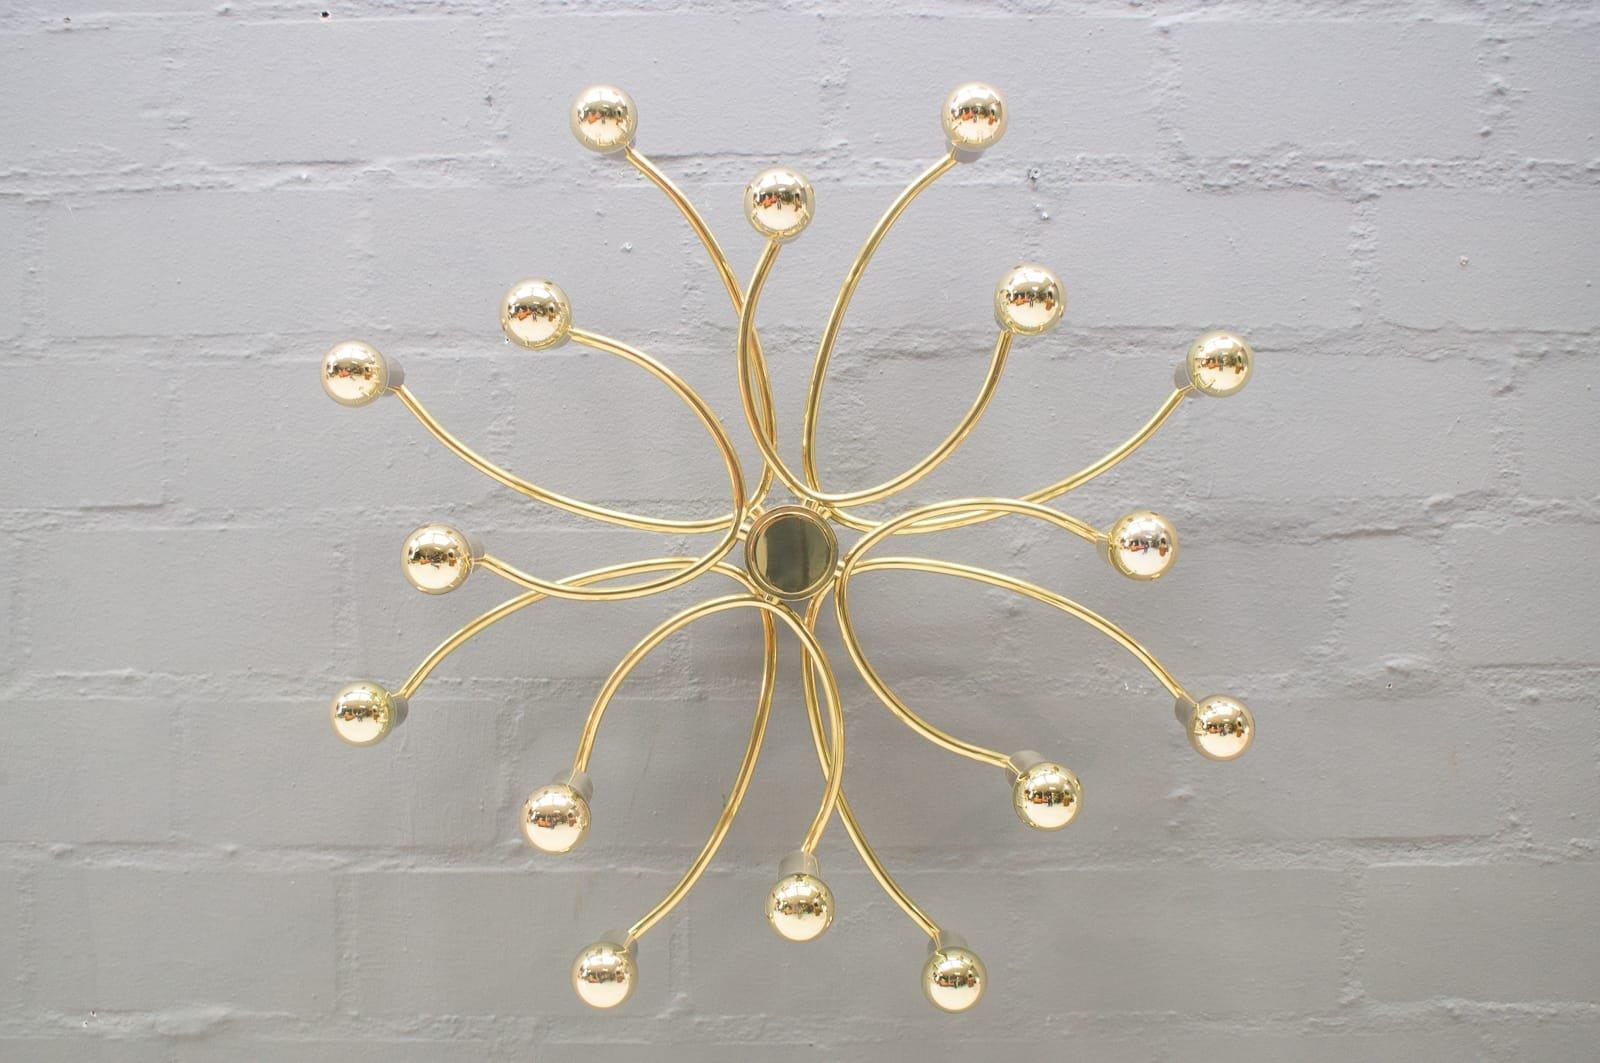 Wand- oder Deckenlampe mit 18 Leuchten, 1960er